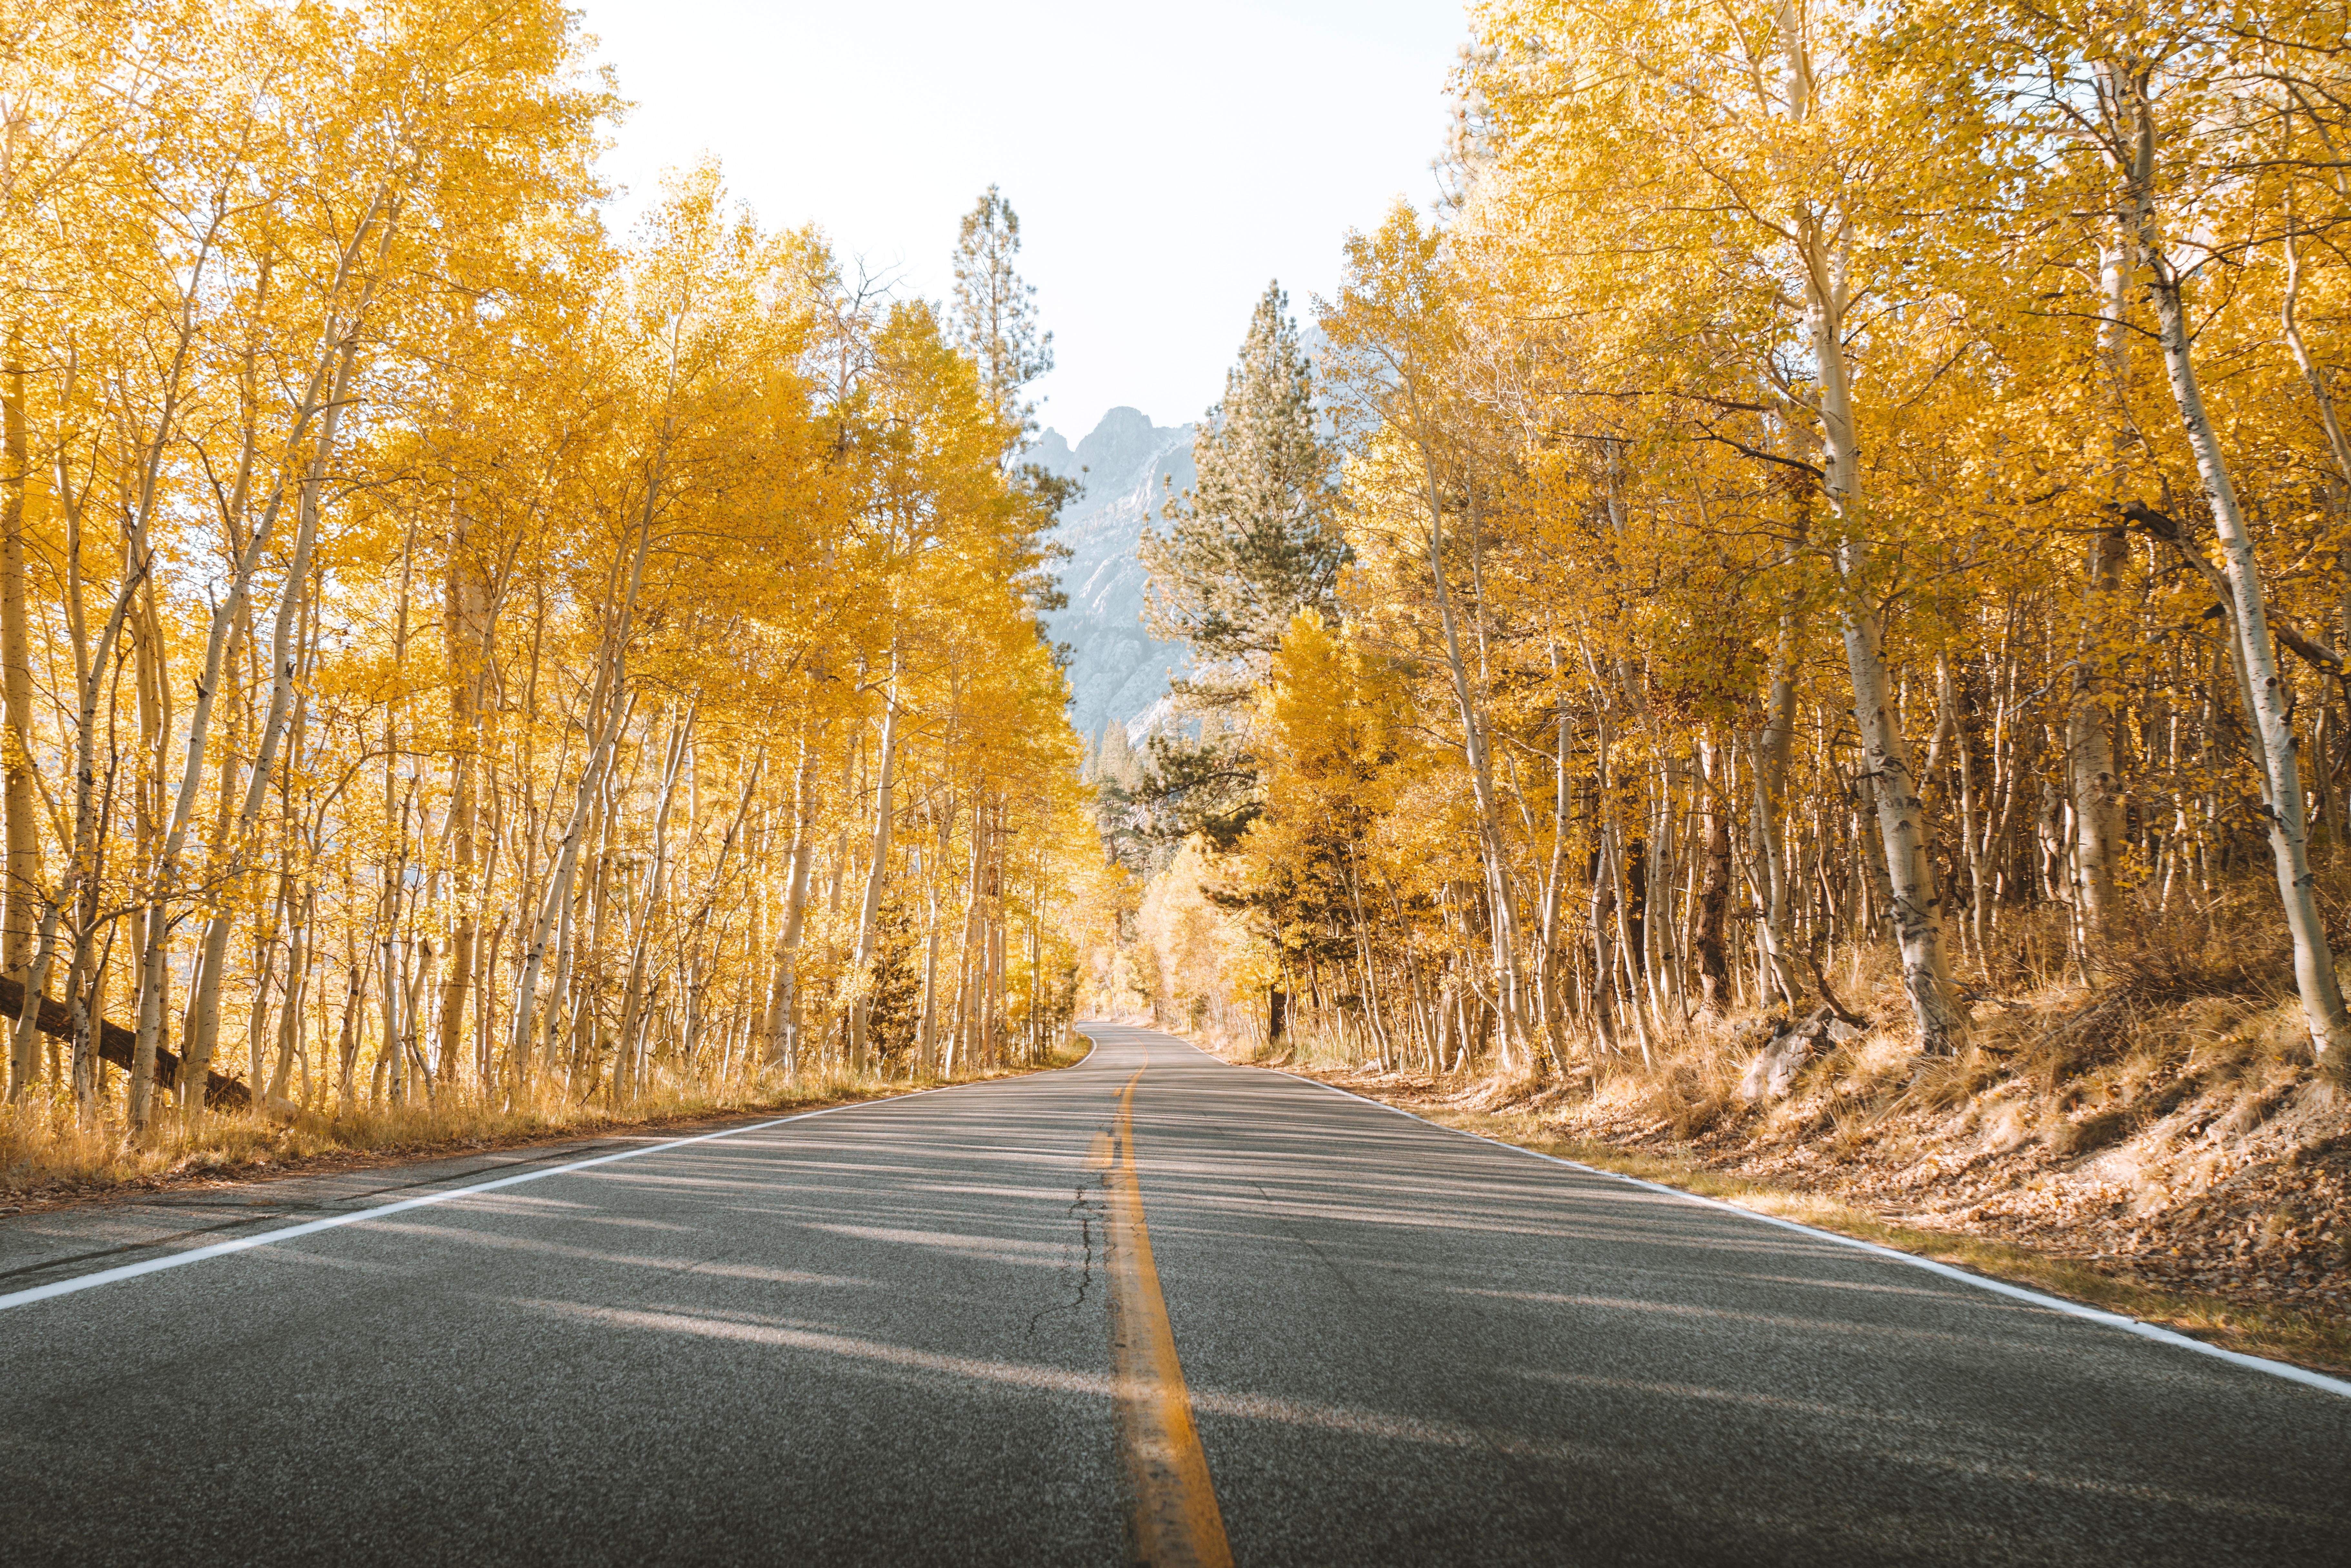 127379 скачать обои Природа, Дорога, Деревья, Осень, Асфальт, Пейзаж - заставки и картинки бесплатно